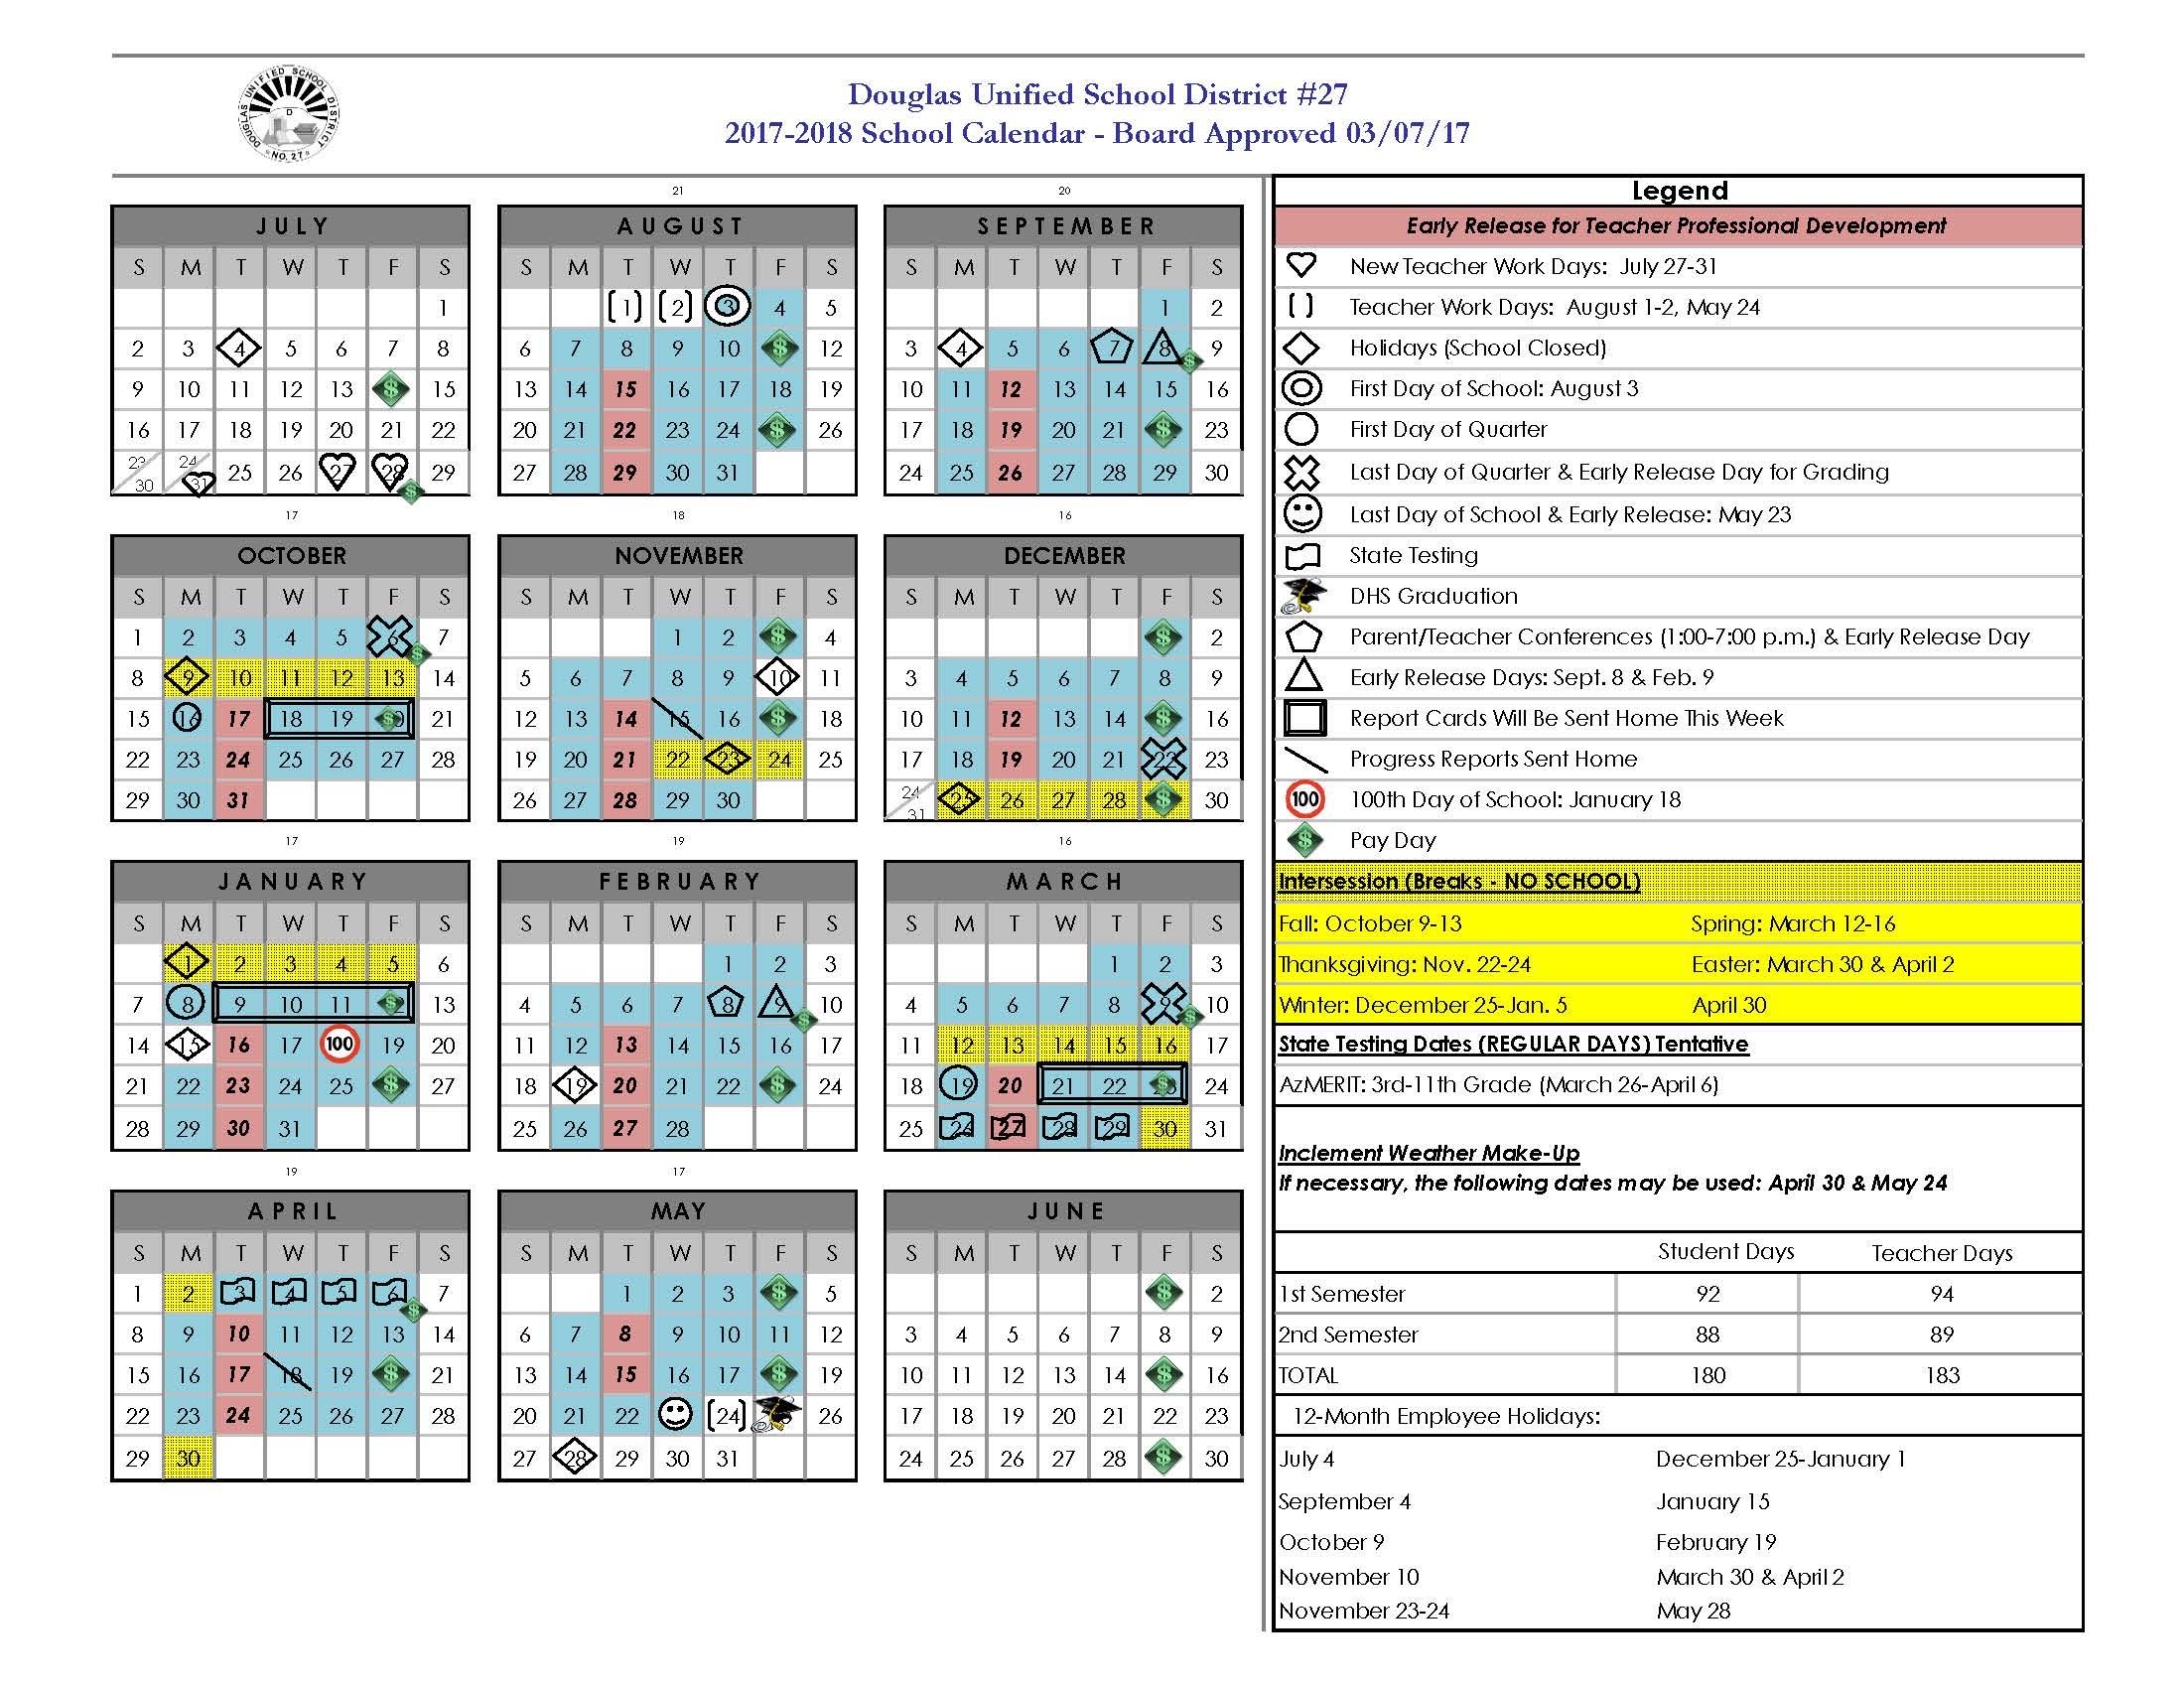 2017-2018 School Year Calendar